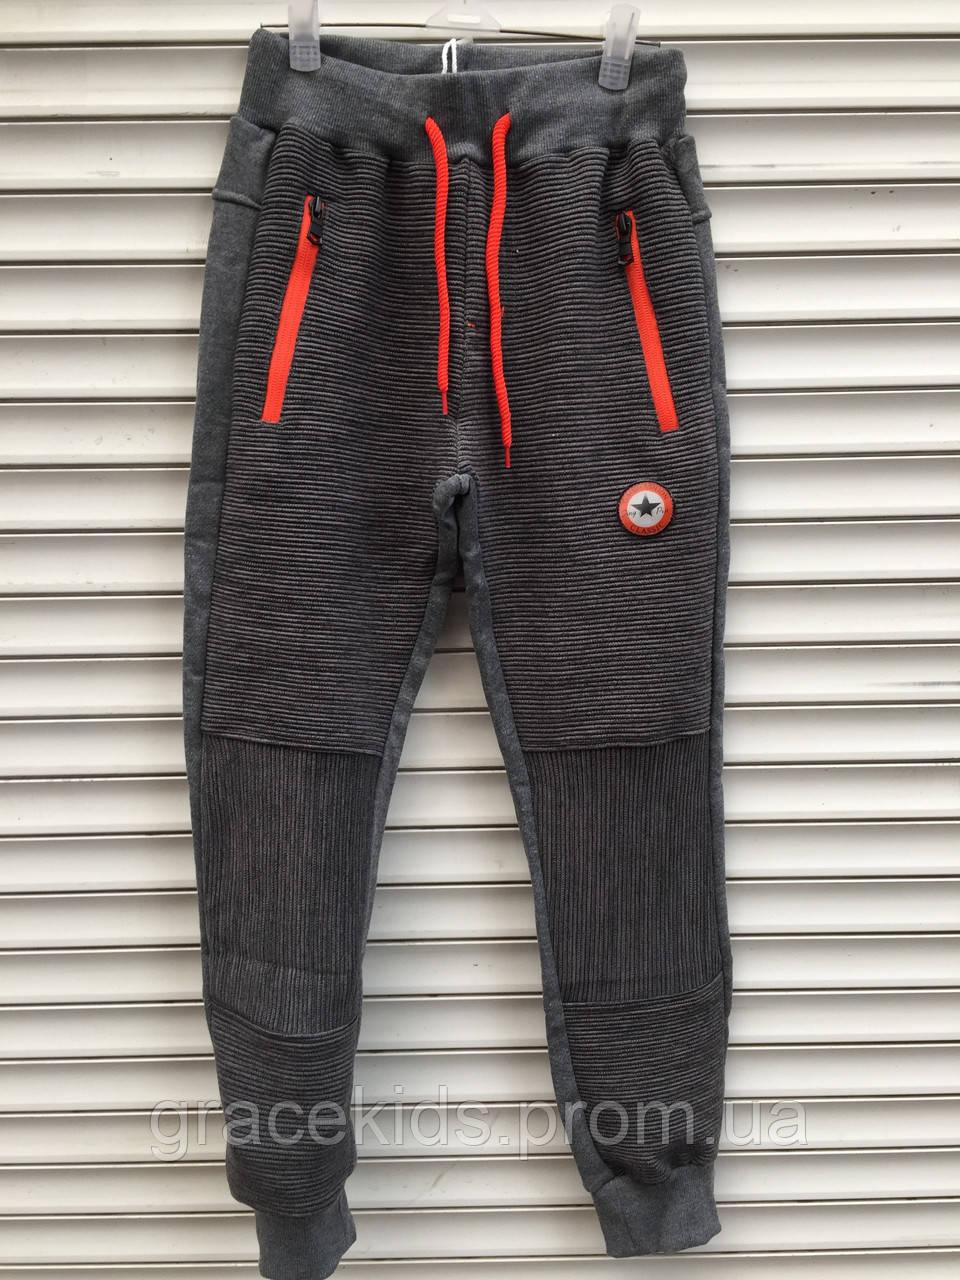 7766ceb608ee Утепленные подростковые спортивные штаны для мальчиков GRACE - Glo-story.детская  одежда оптом из